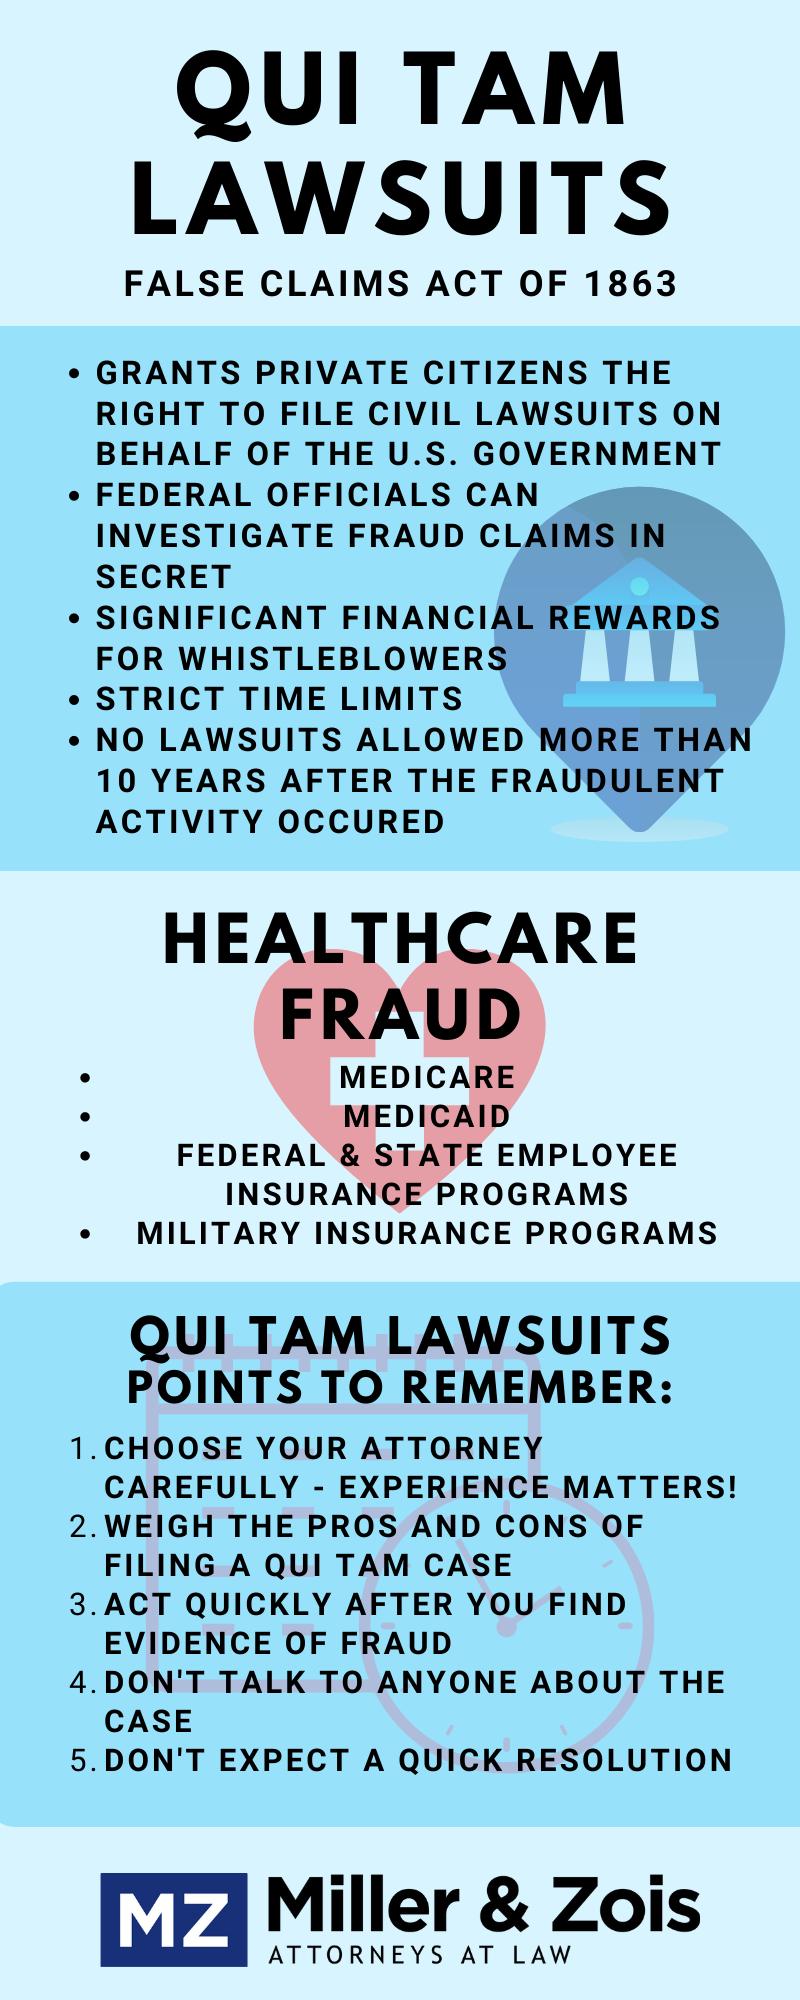 Qui Tam Lawsuits